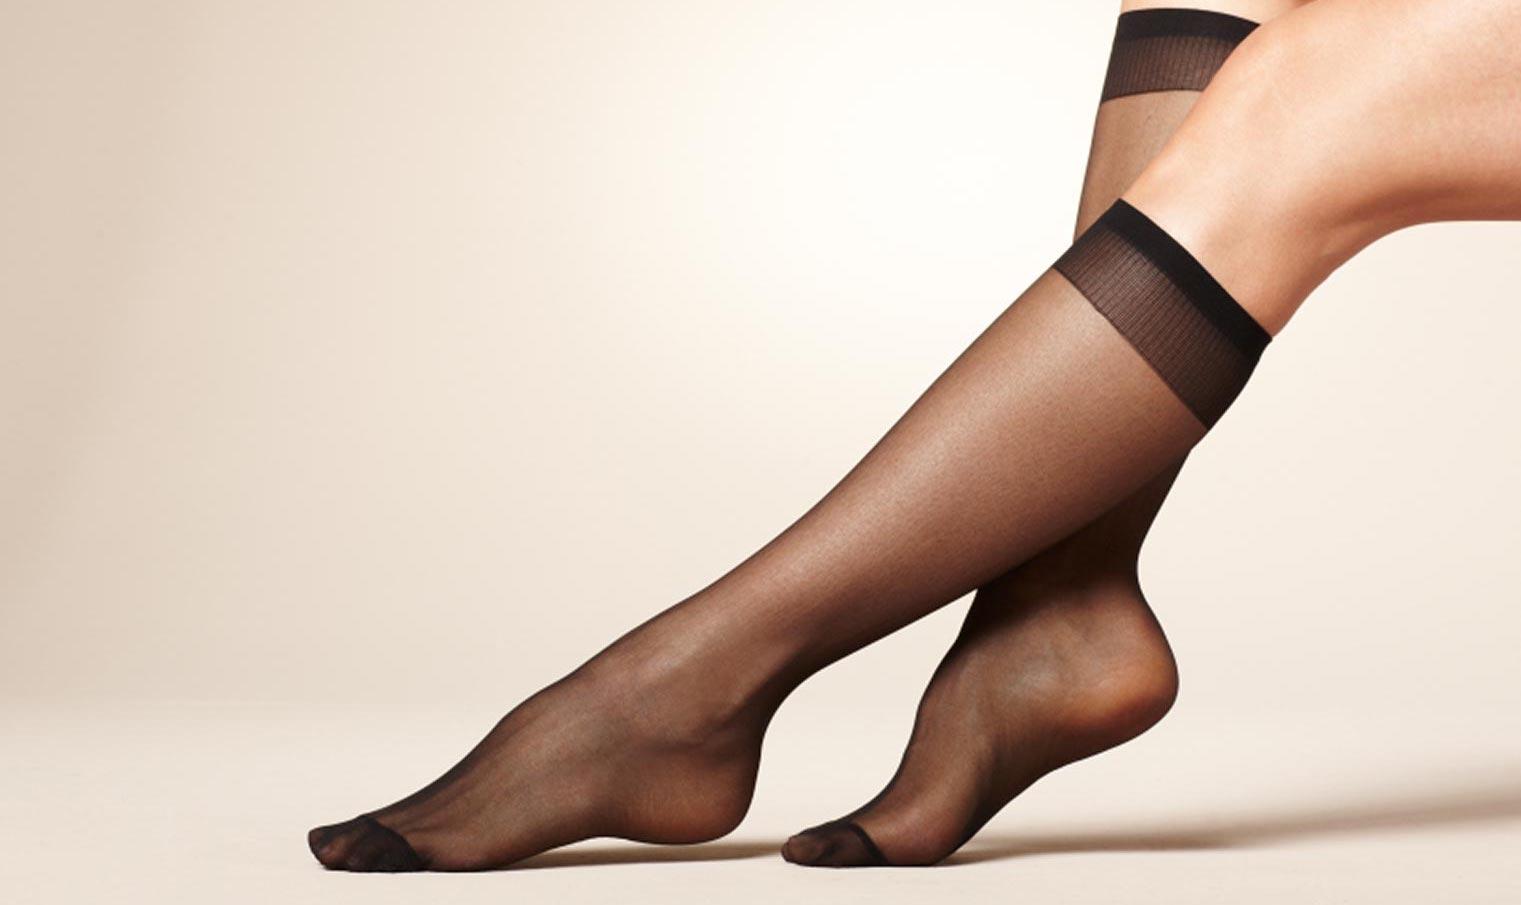 Rüyada Siyah Tül Çorap Giydiğini Görmek